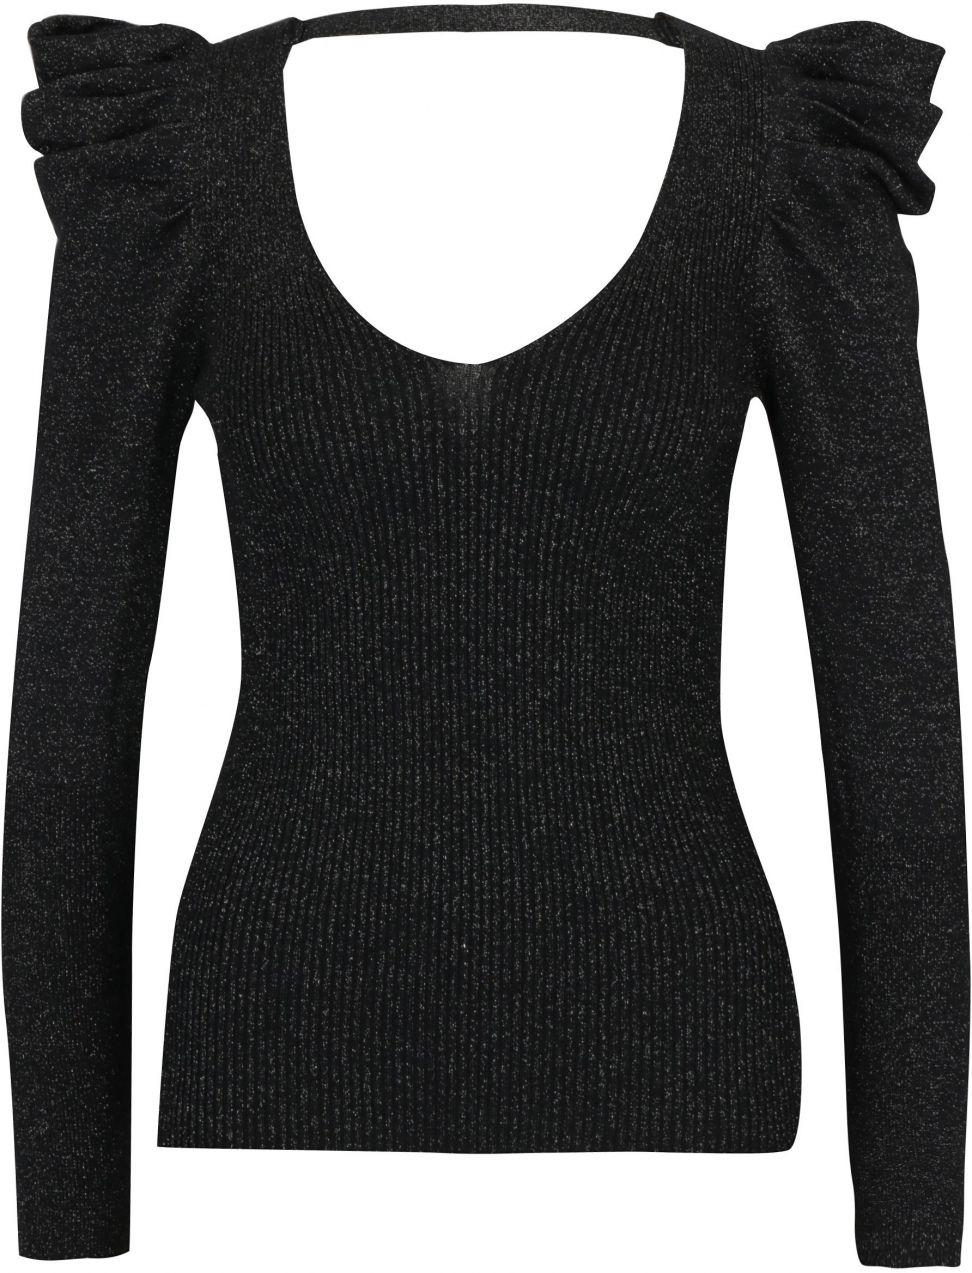 40bf85ddc147 Čierny trblietavý sveter s riasením na rukávoch Miss Selfridge značky Miss  Selfridge - Lovely.sk